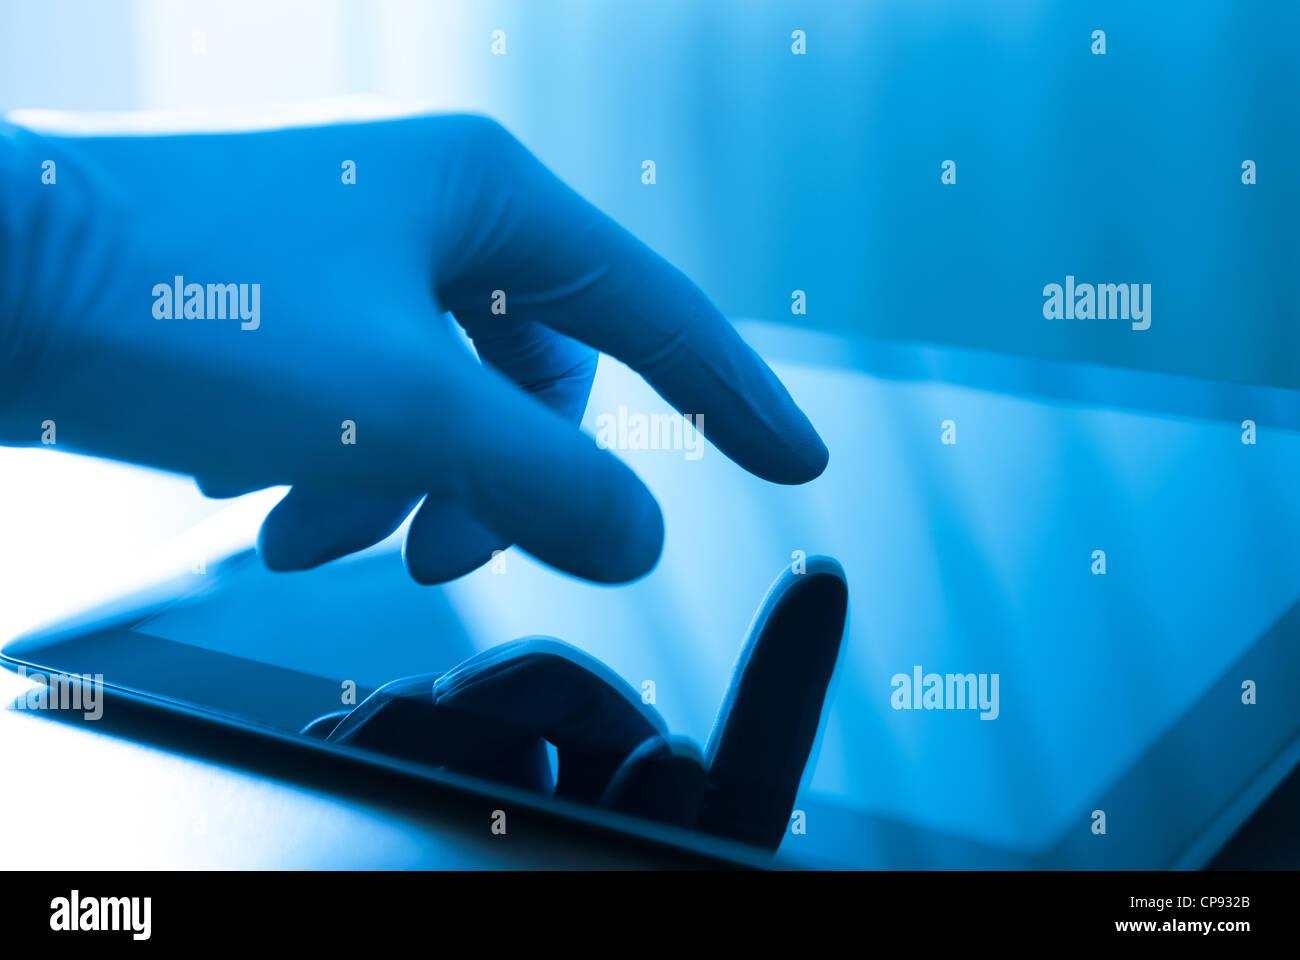 Mano en Guante azul tocar tablet digital moderna. Concepto de imagen médica o tema de investigación. Imagen De Stock